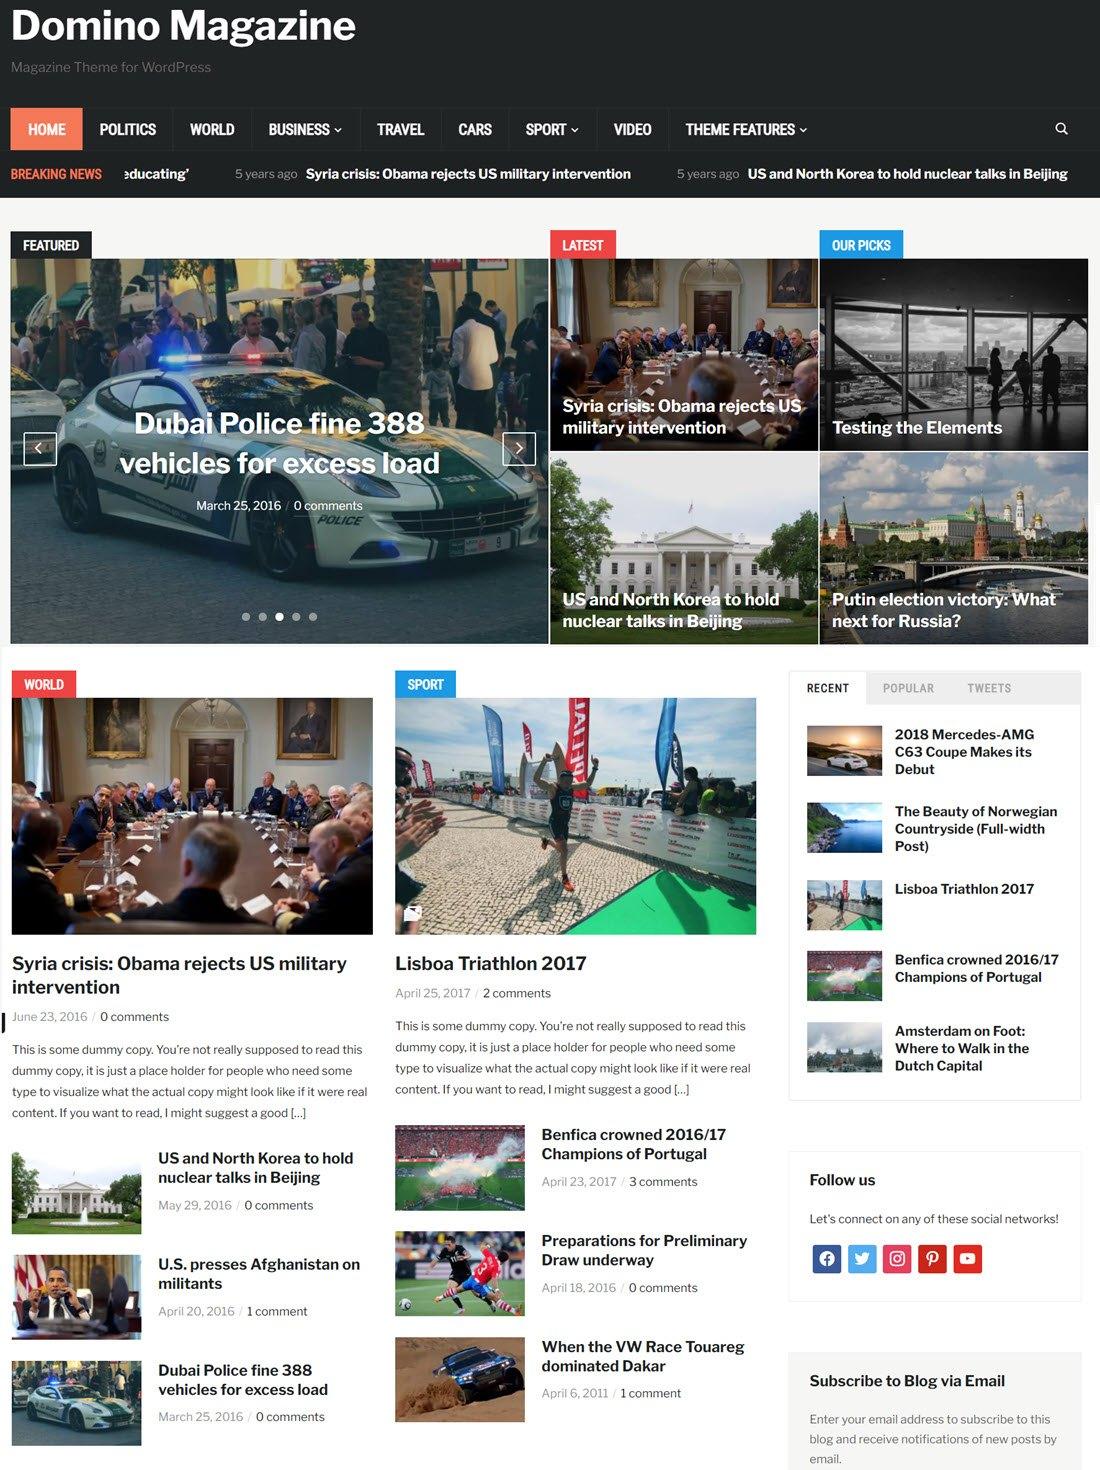 Domino Magazine Theme For WordPress Screenshot